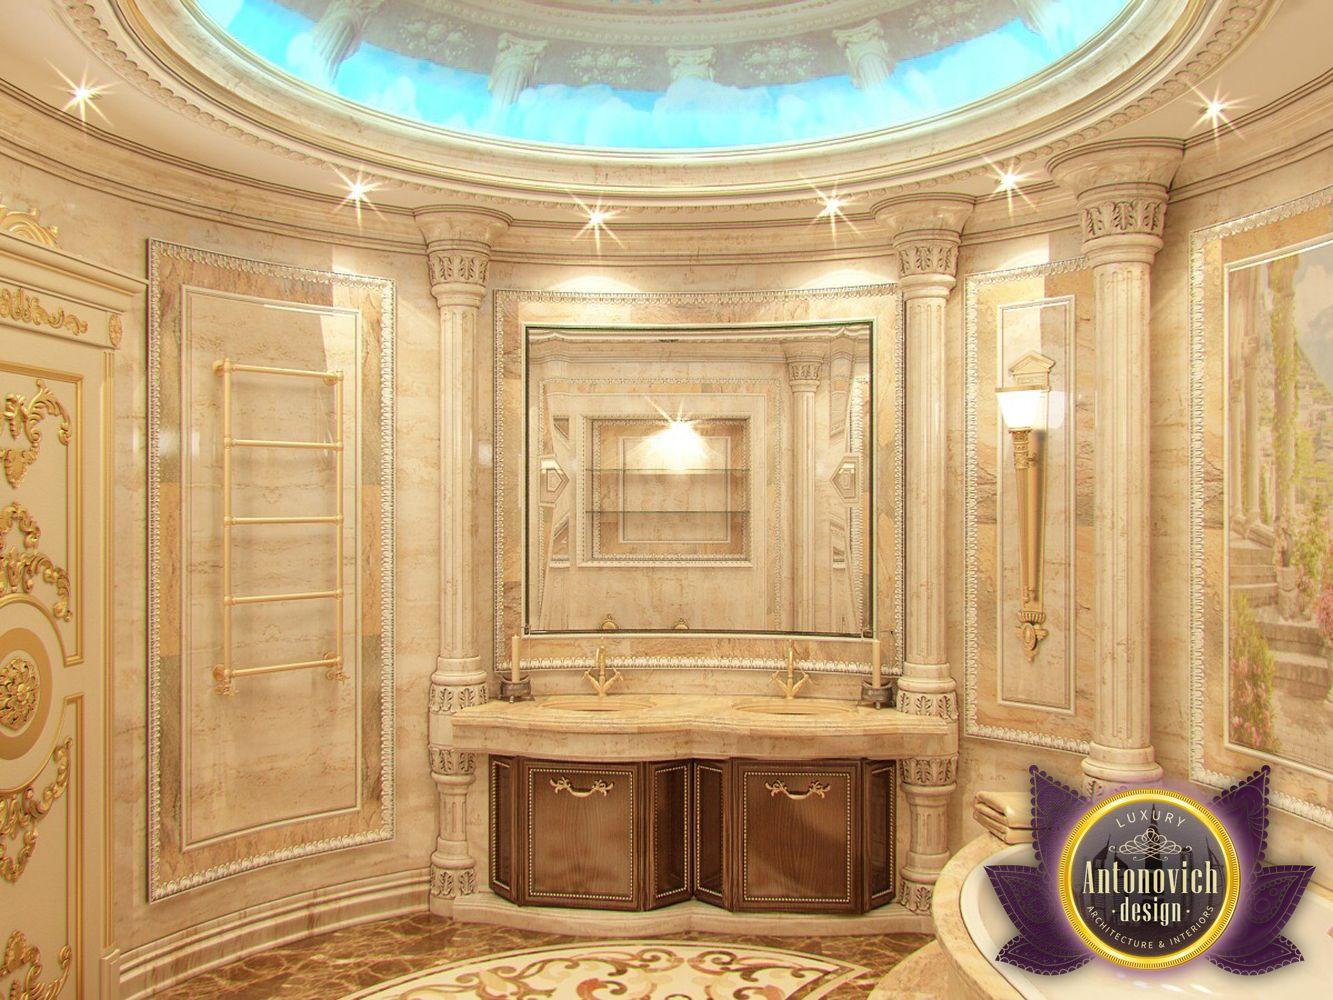 Nigeiradesign: Bathroom Designs By Luxury Antonovich Design